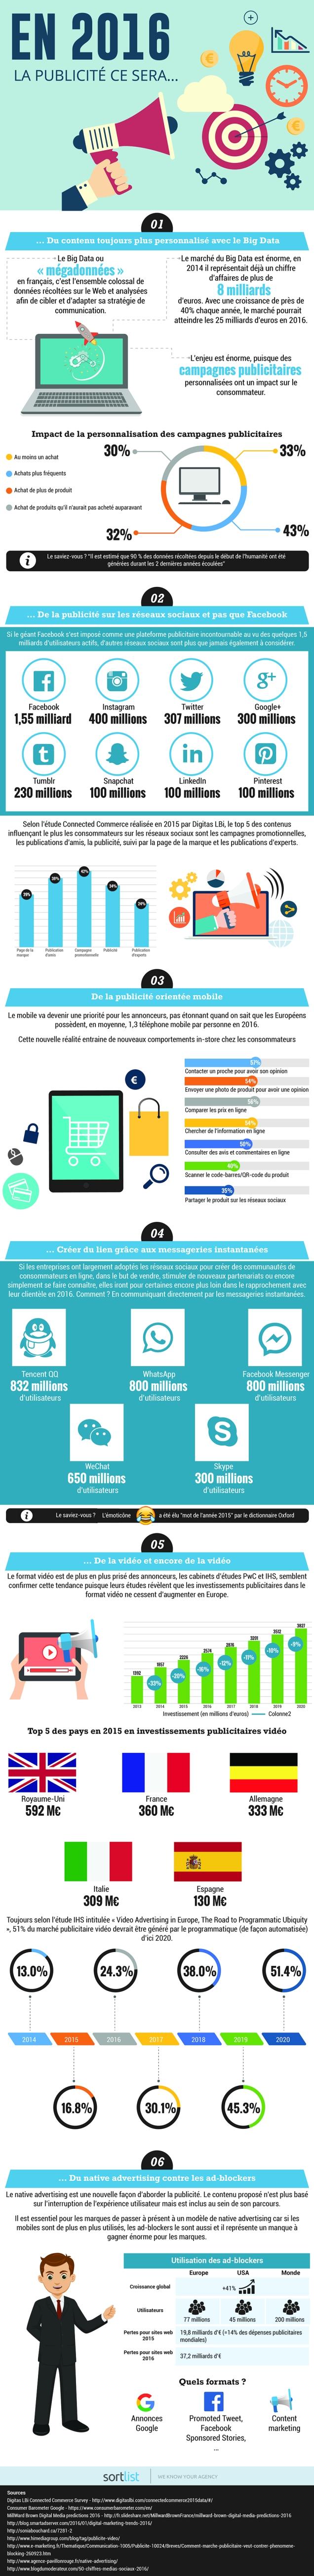 infographie-publicité.jpg